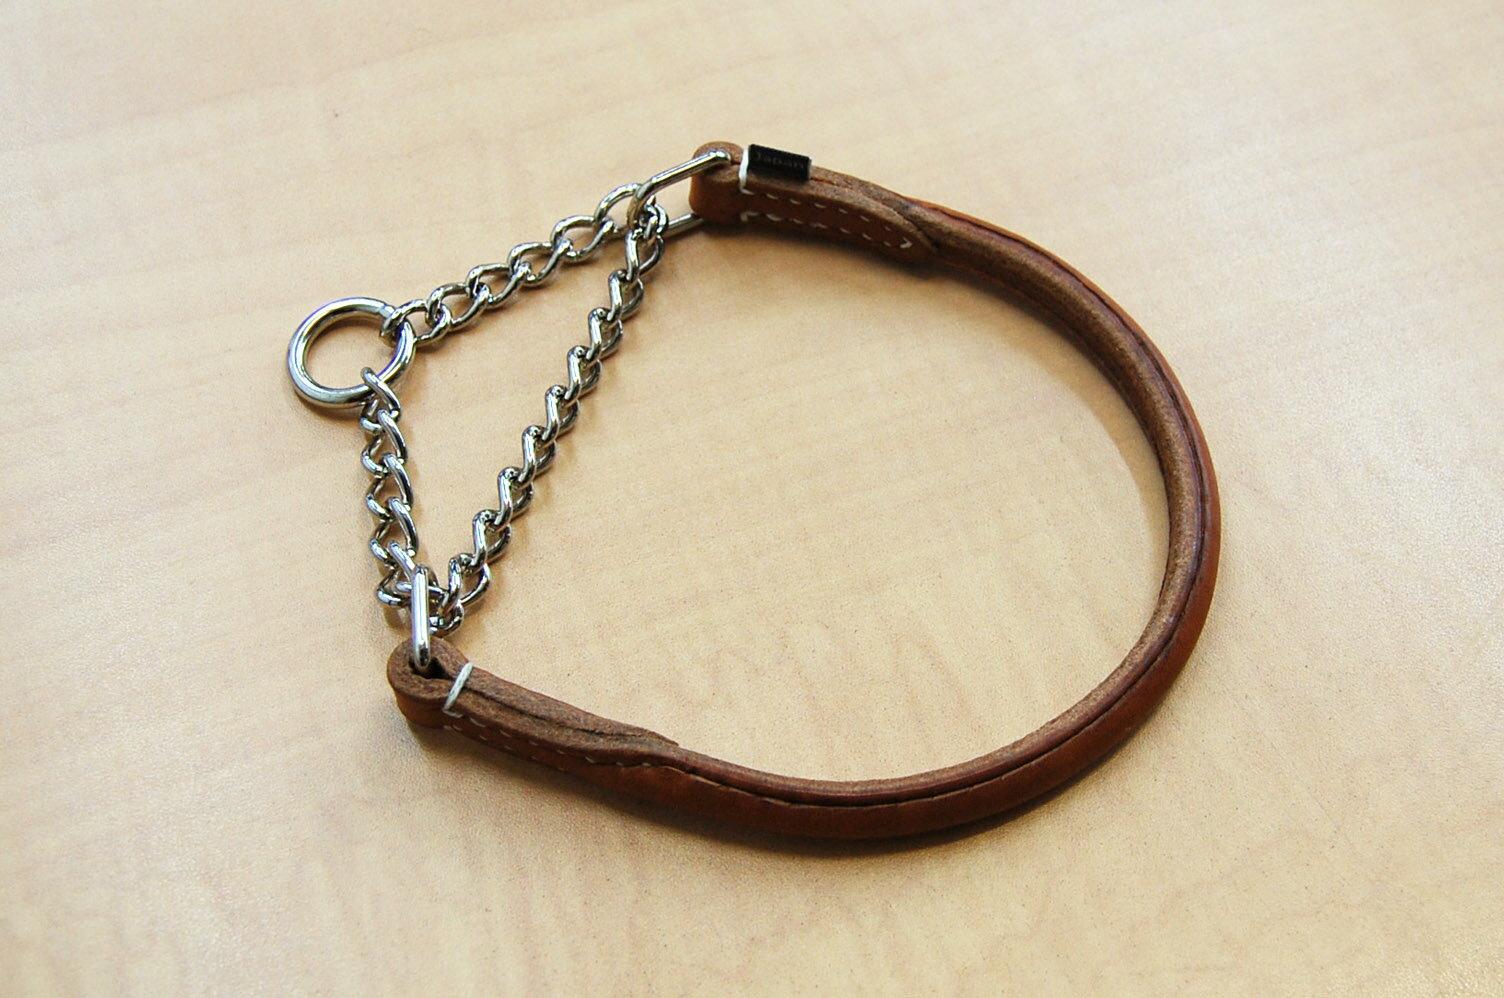 【送料無料】犬の首輪 ハーフチョーク S(丸革 革幅:12m/m 内径:約40.5~31cm)【馬具職人ハンドメイド】